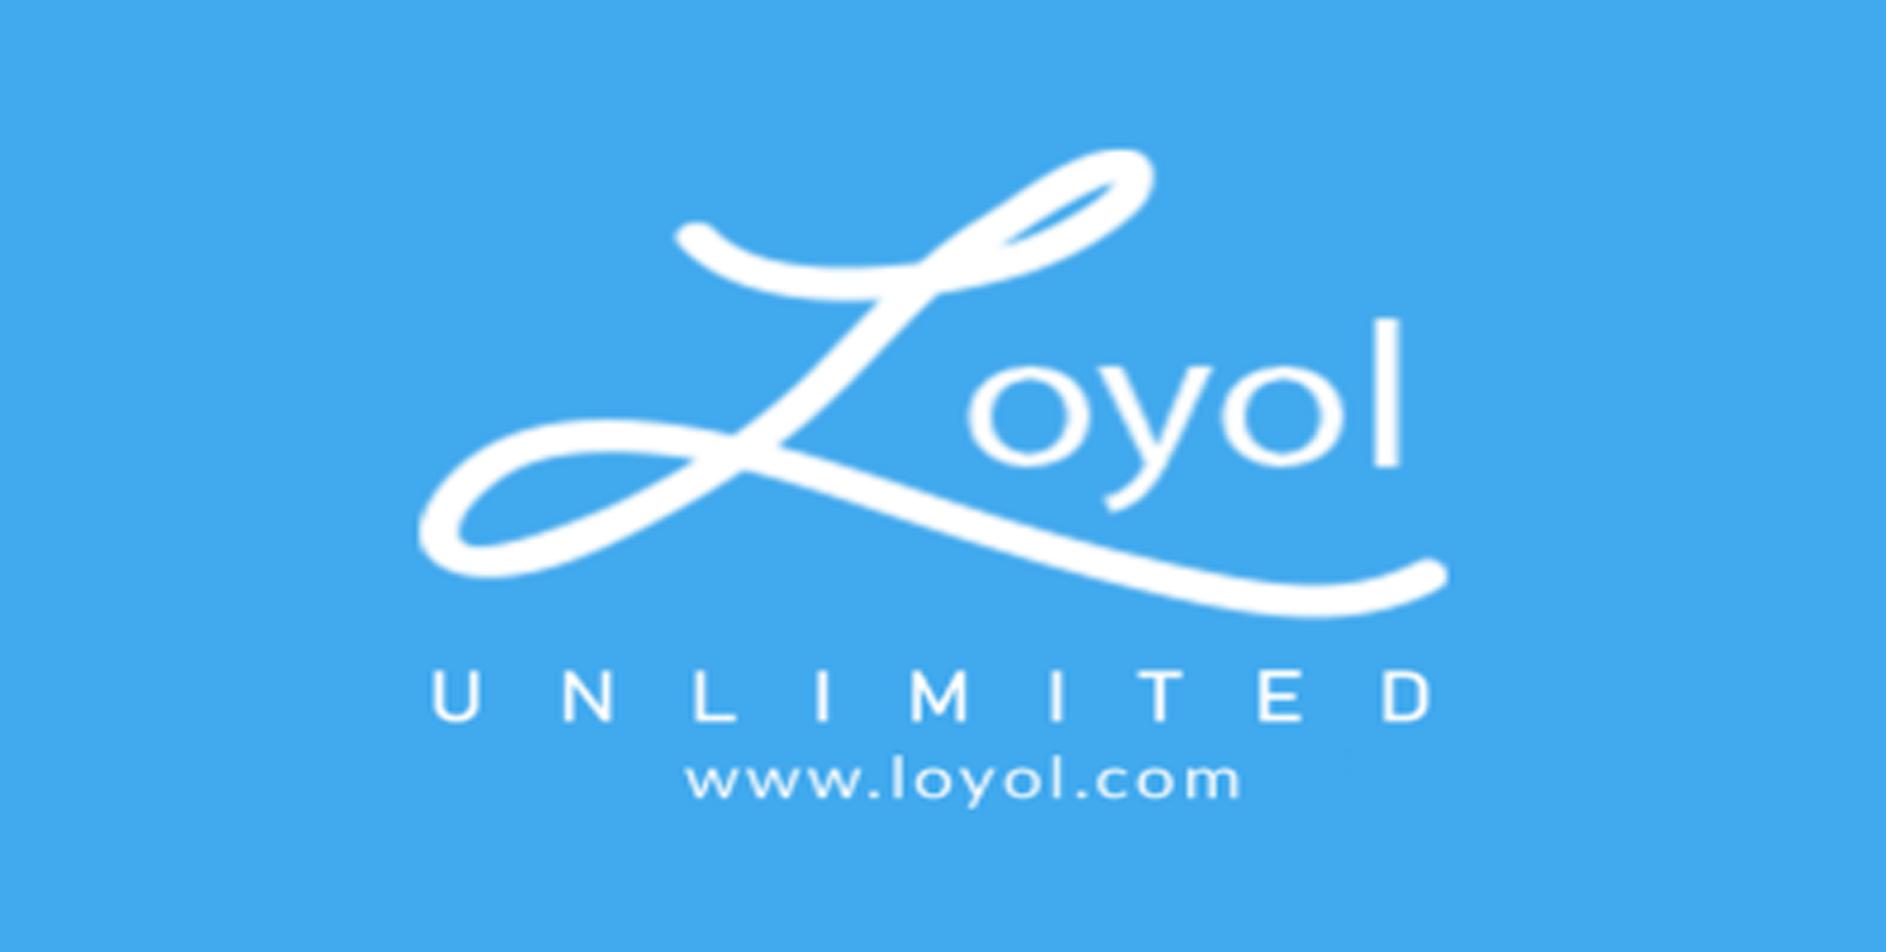 Loyol Unlimited (Zoom Meeting) Demo